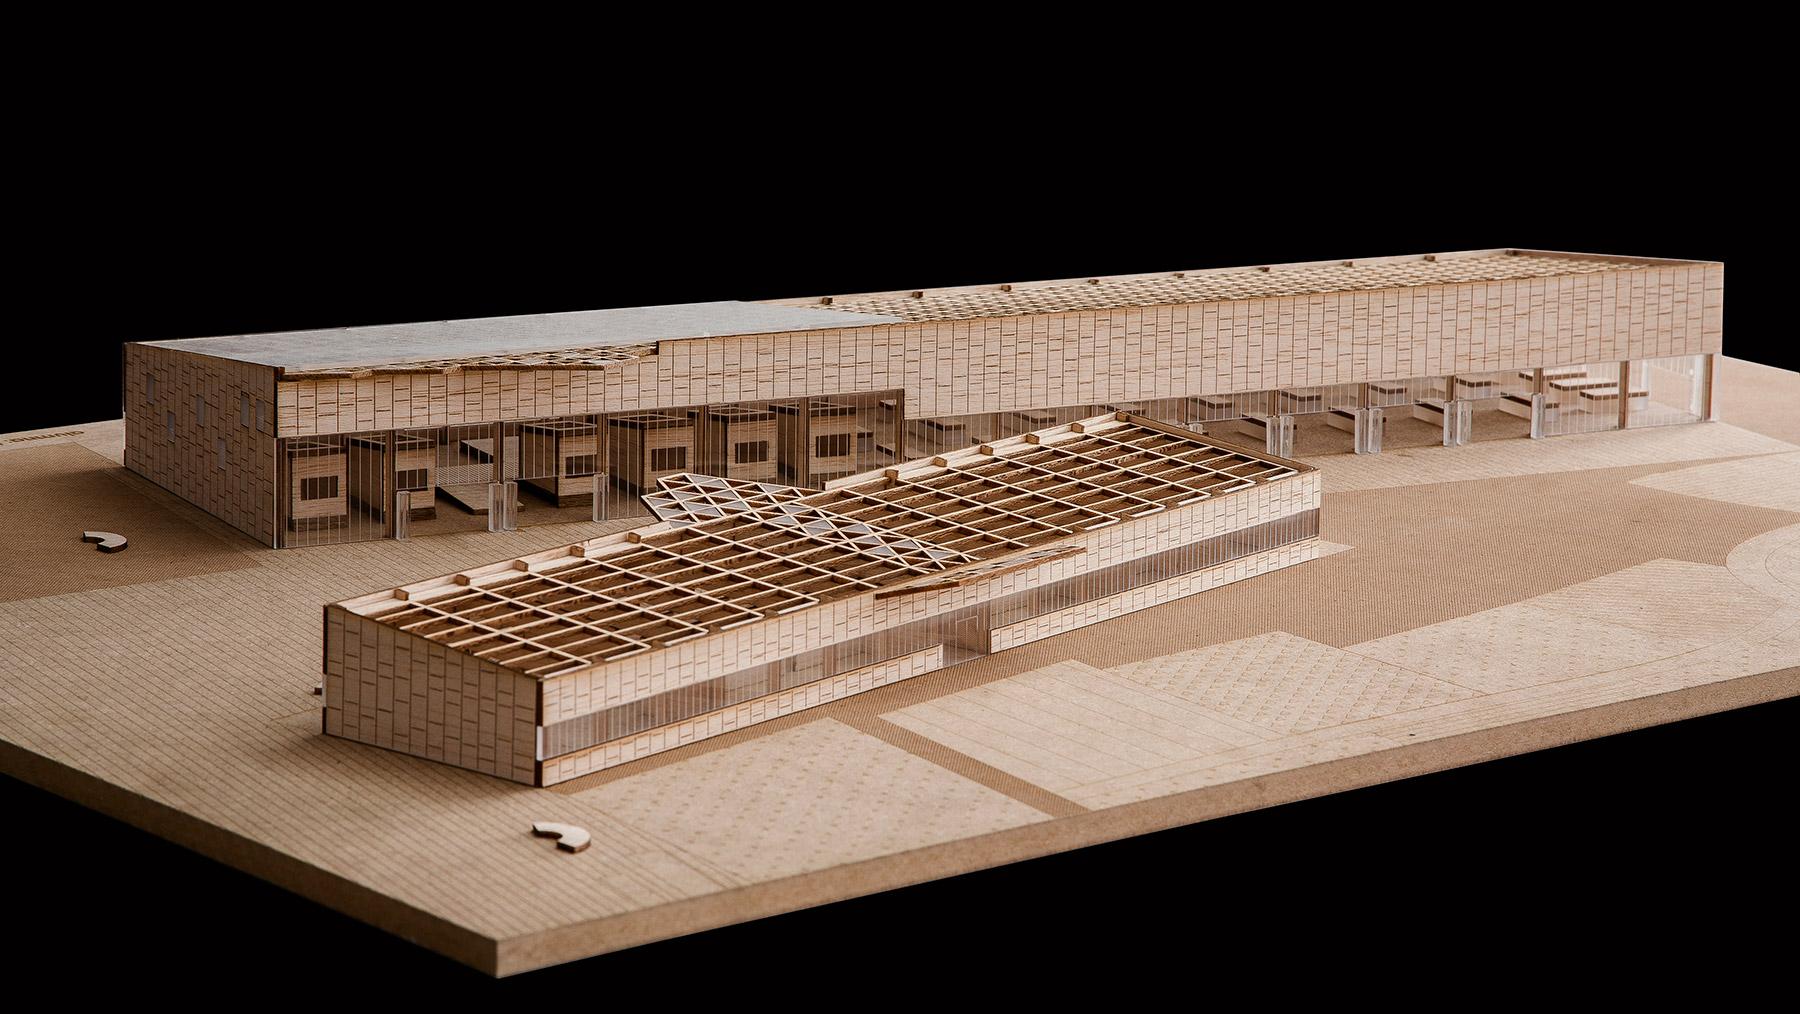 Maqueta centro de artesanos arquiayuda ayuda pfc - Servicios de arquitectura ...